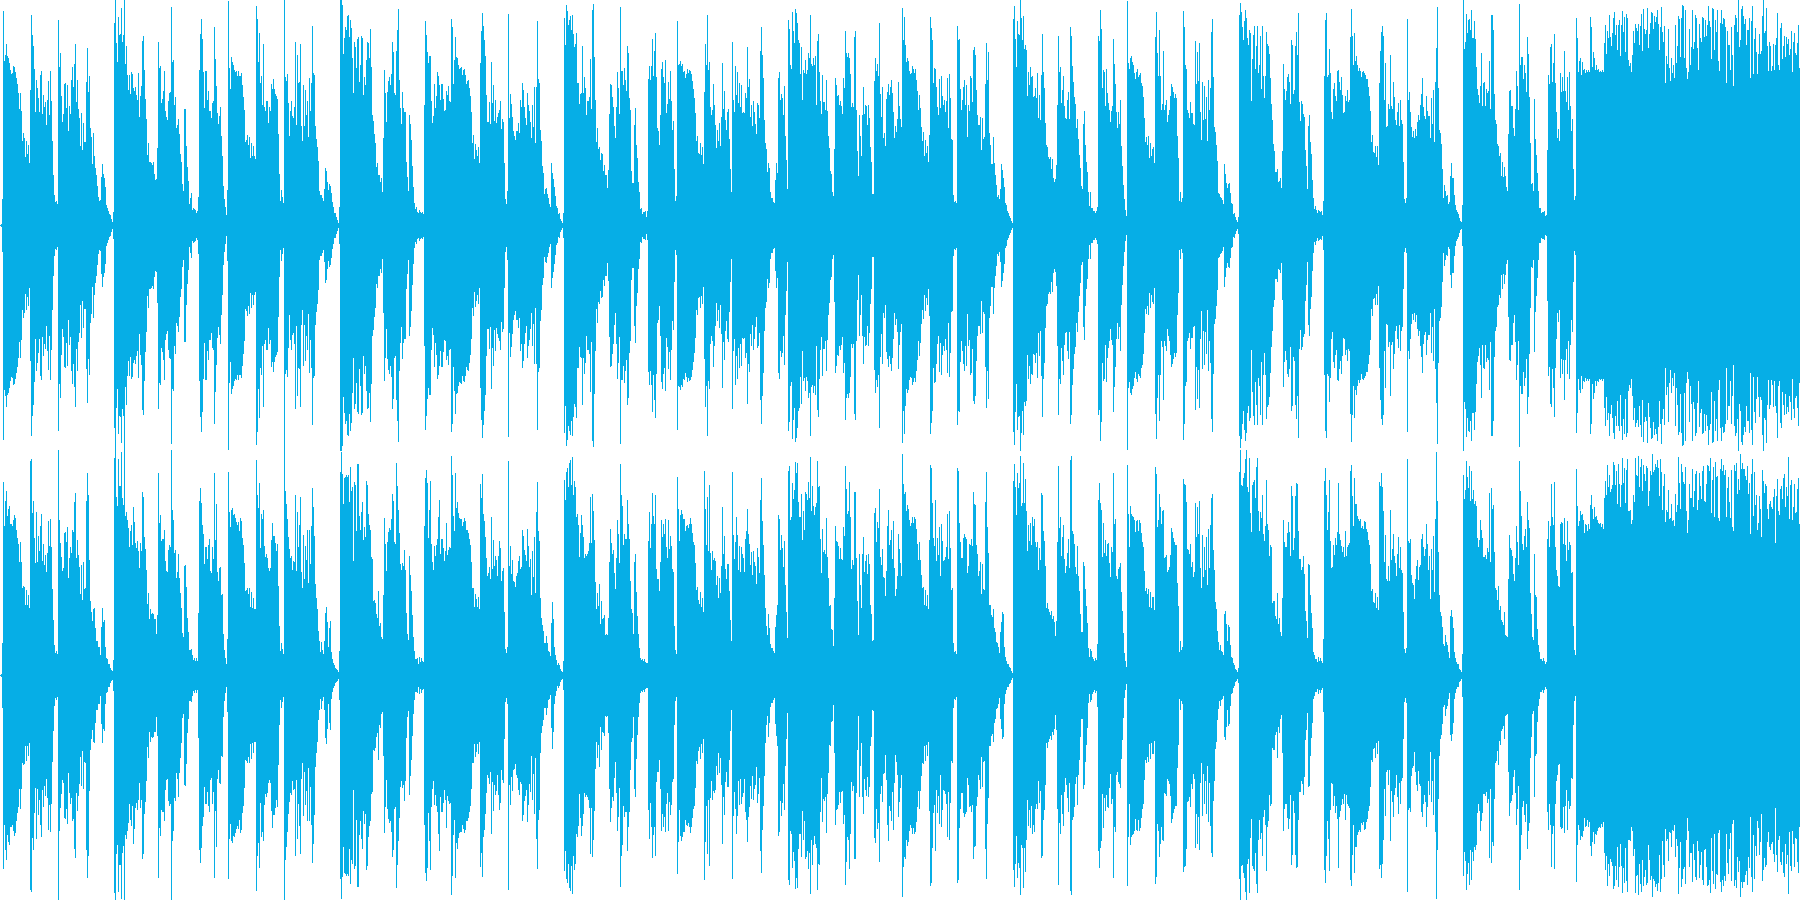 【ダンス/EDM/ダブステップ】の再生済みの波形